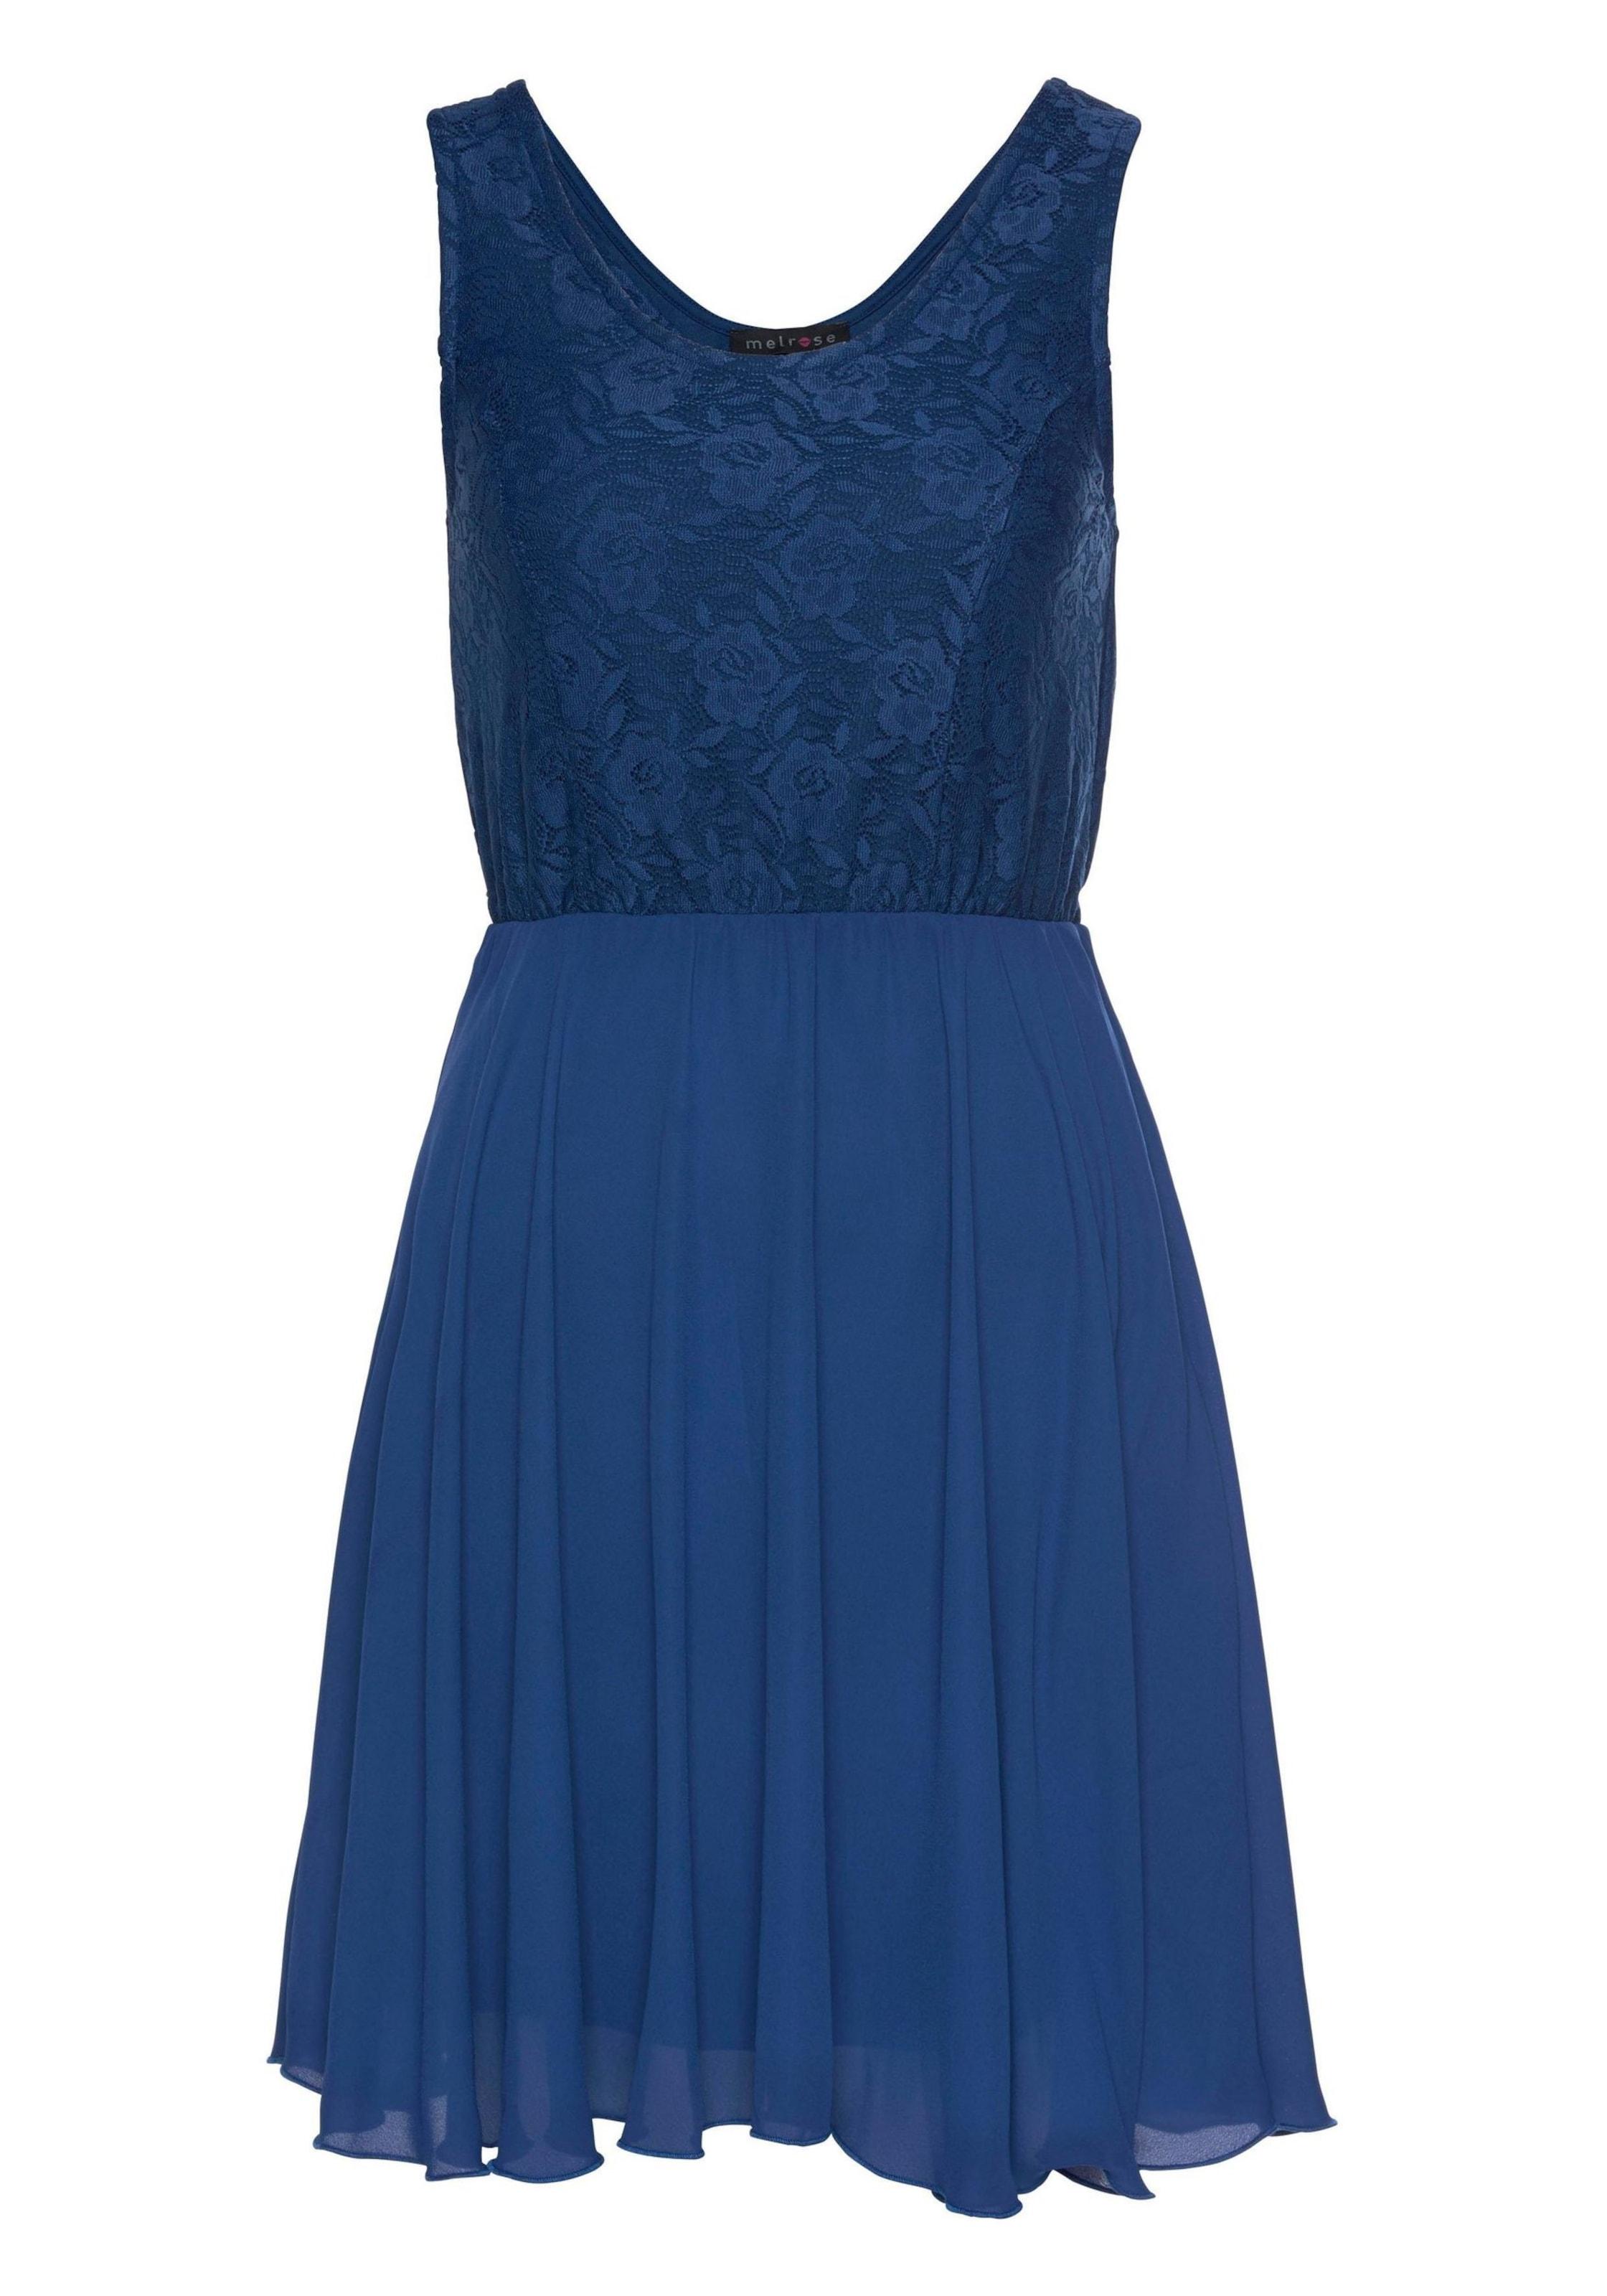 BlauRoyalblau Melrose In In Kleid Melrose Kleid xBodCe